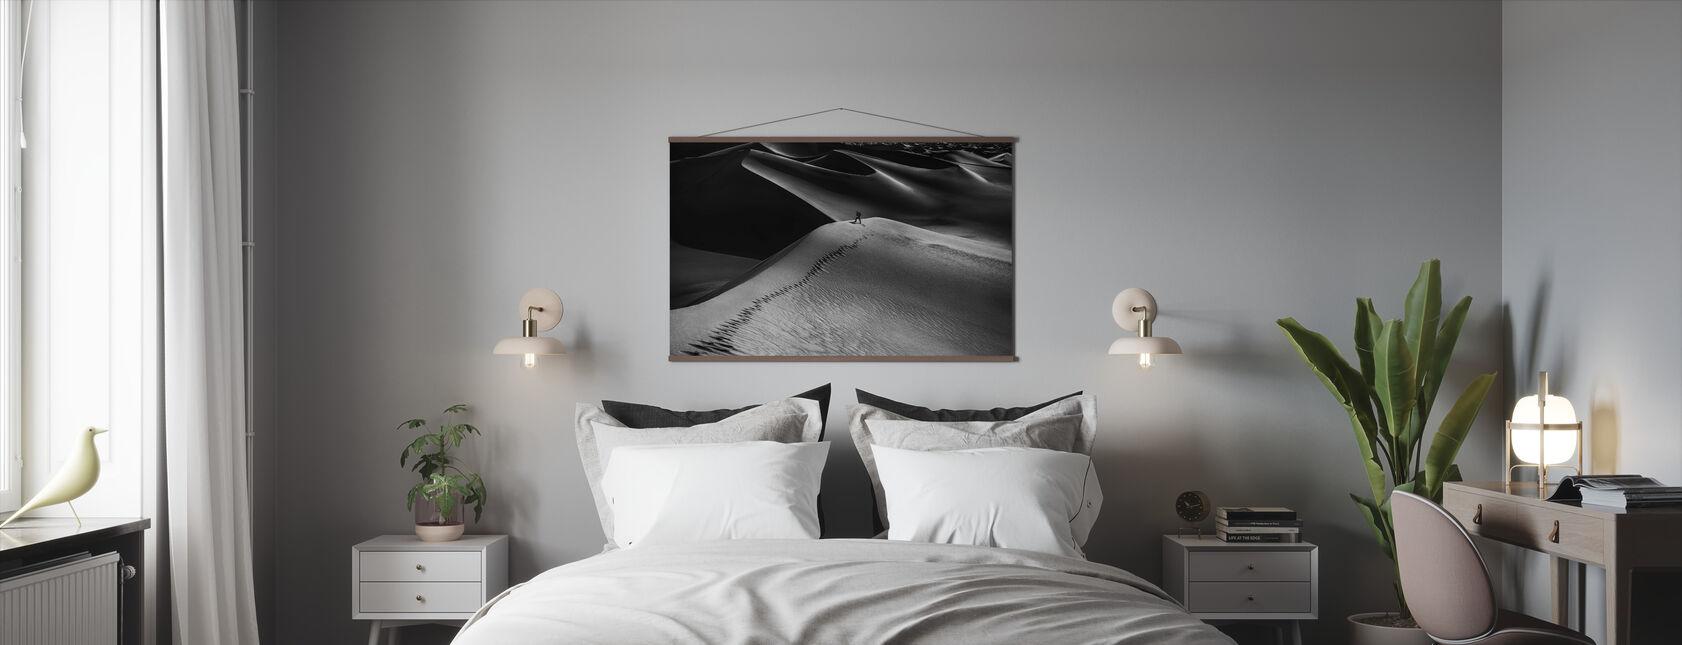 Eén set voetafdrukken - Poster - Slaapkamer